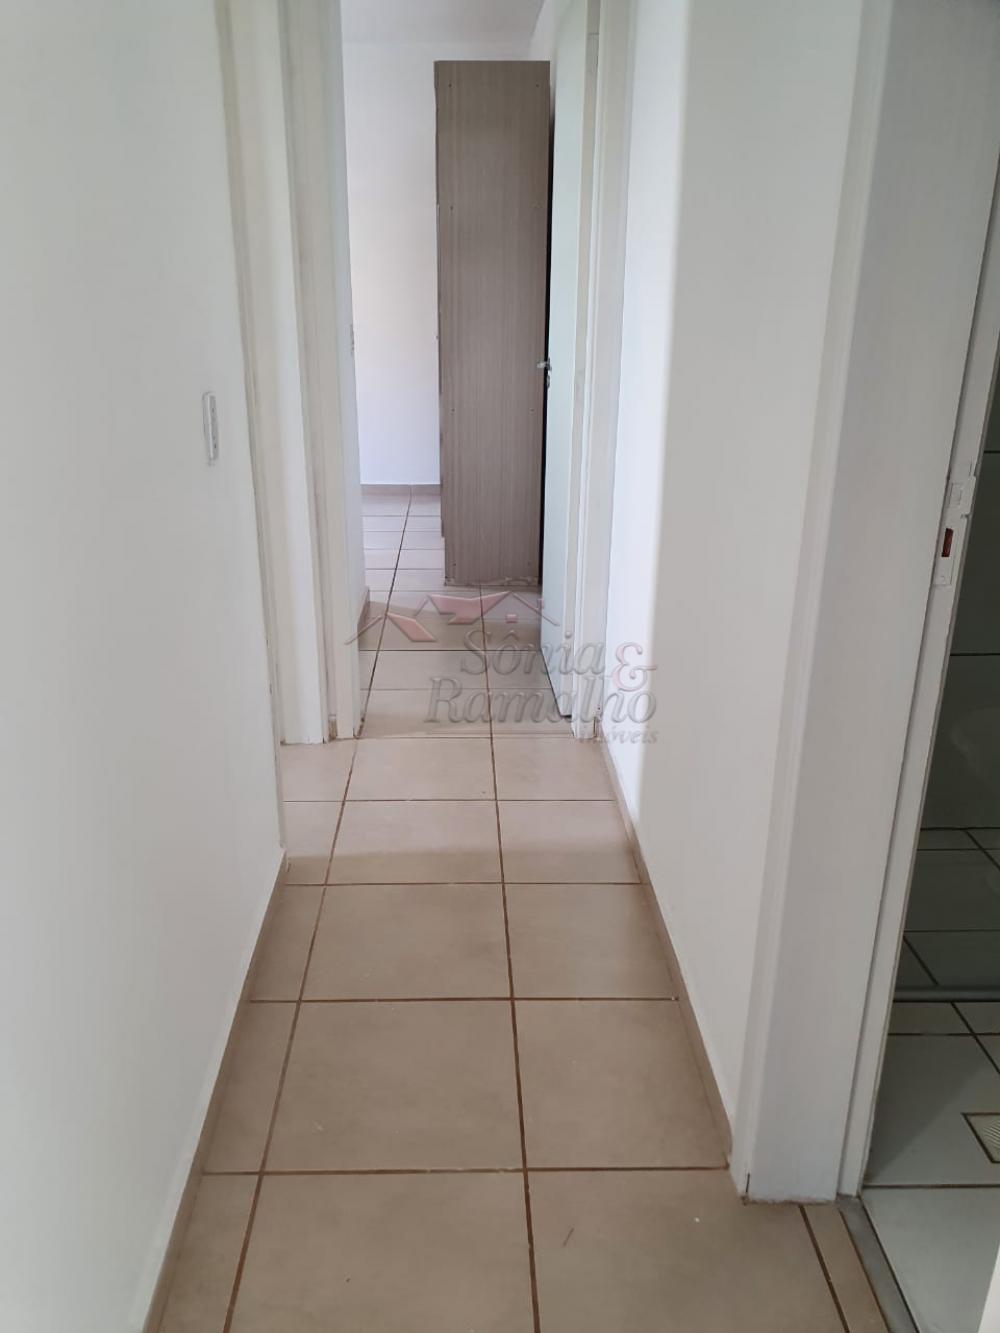 Alugar Apartamentos / Padrão em Ribeirão Preto R$ 850,00 - Foto 3